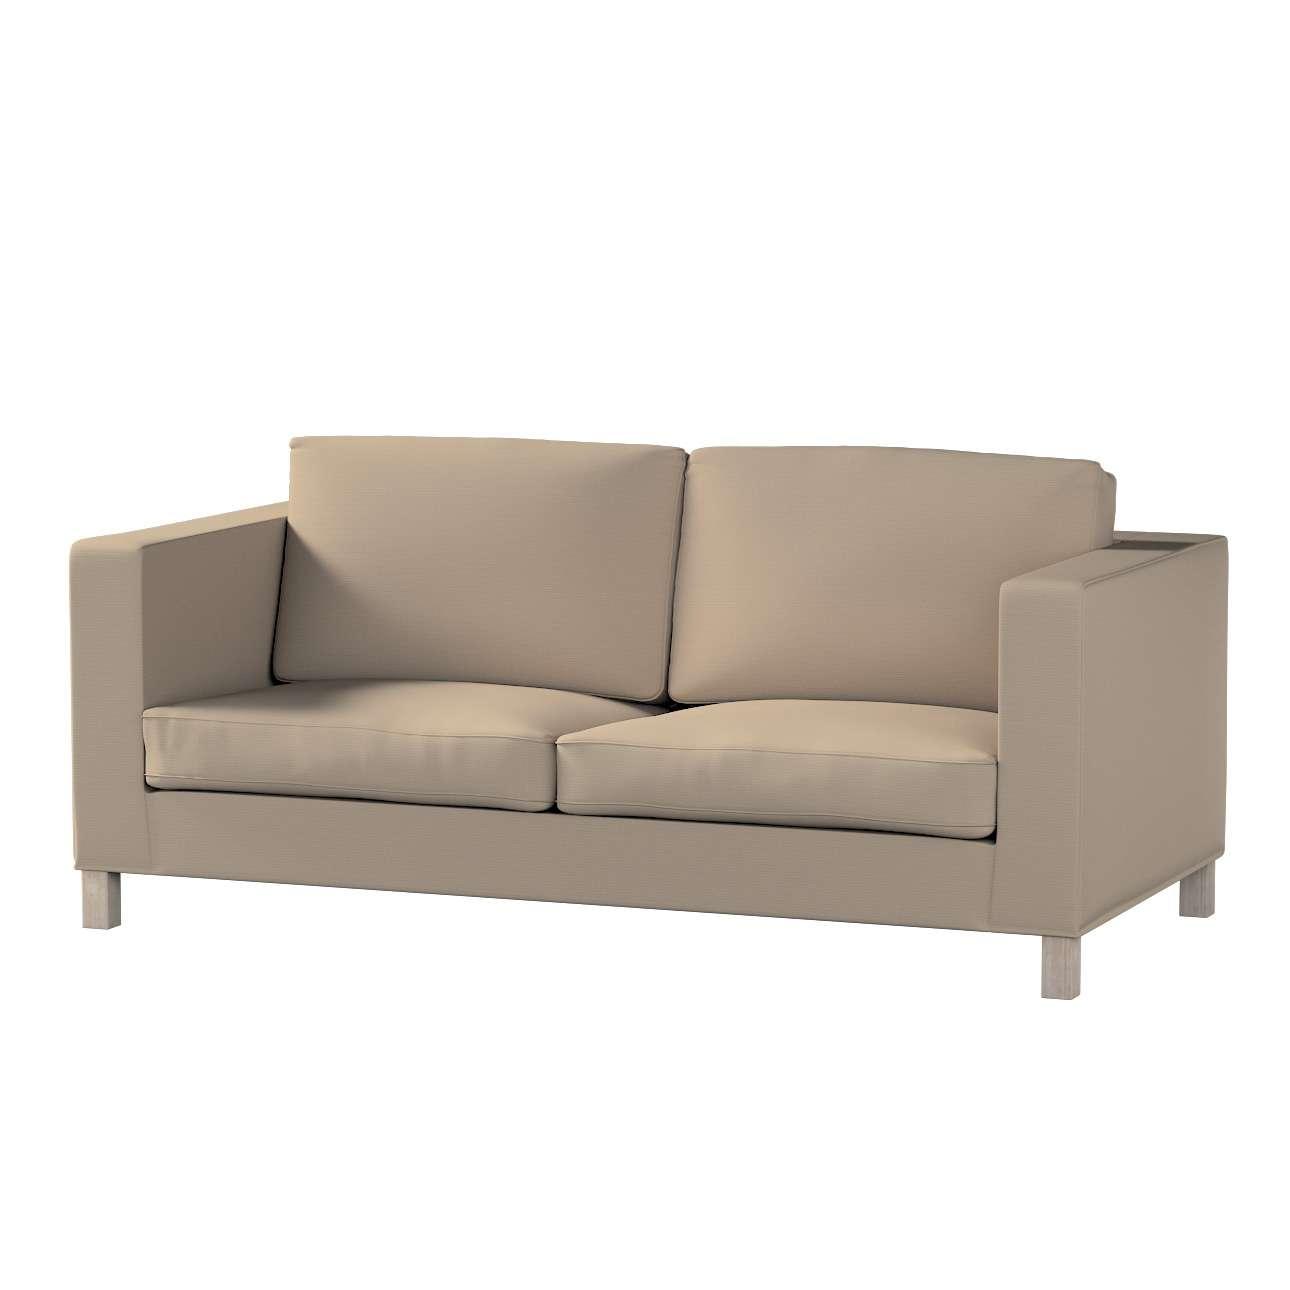 KARLANDA sofos lovos užvalkalas KARLANDA sofos lovos užvalkalas kolekcijoje Cotton Panama, audinys: 702-28